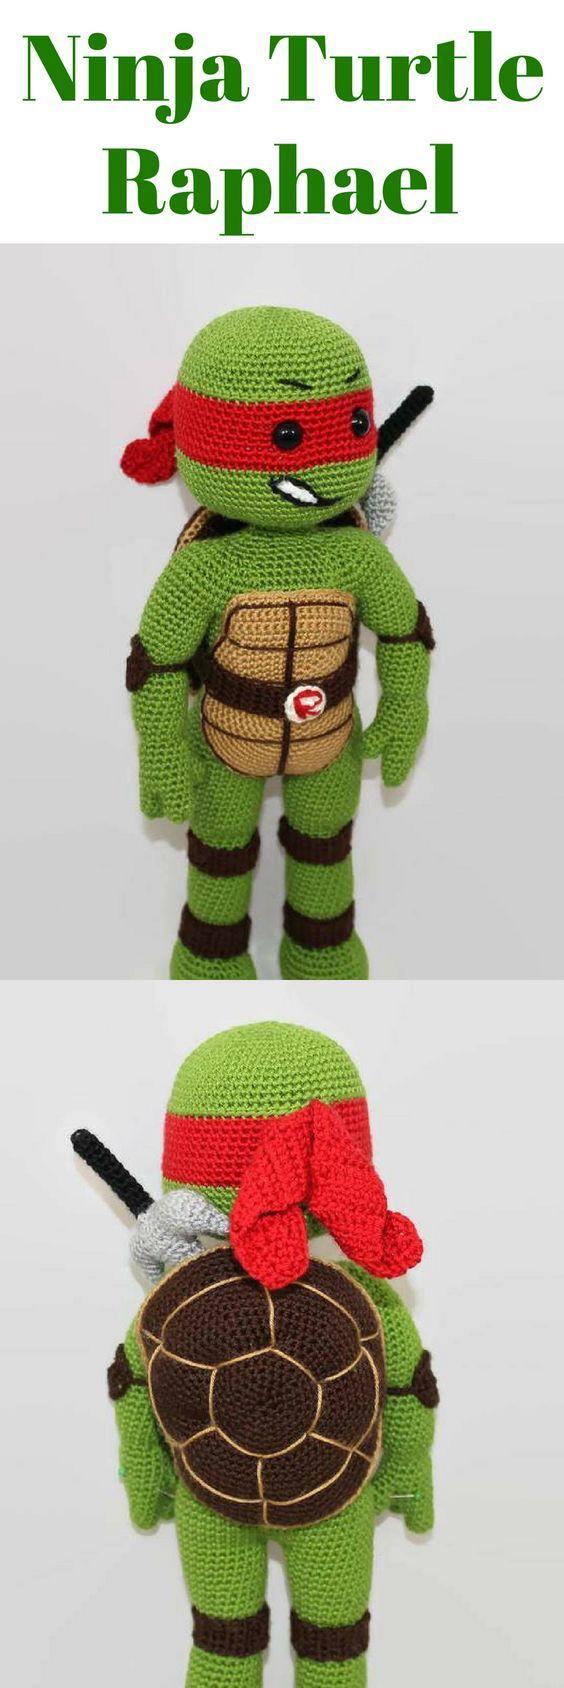 Amigurumi Ninja Turtle Raphael | Amigurumi Turtle Crochet Pattern Printable #ad #amigurumi #amigurumidoll #amigurumipattern #amigurumitoy #amigurumiaddict #crochet #crocheting #crochetpattern #pattern #patternsforcrochet #printable #instantdownload #turtle #ninjaturtle #ninja